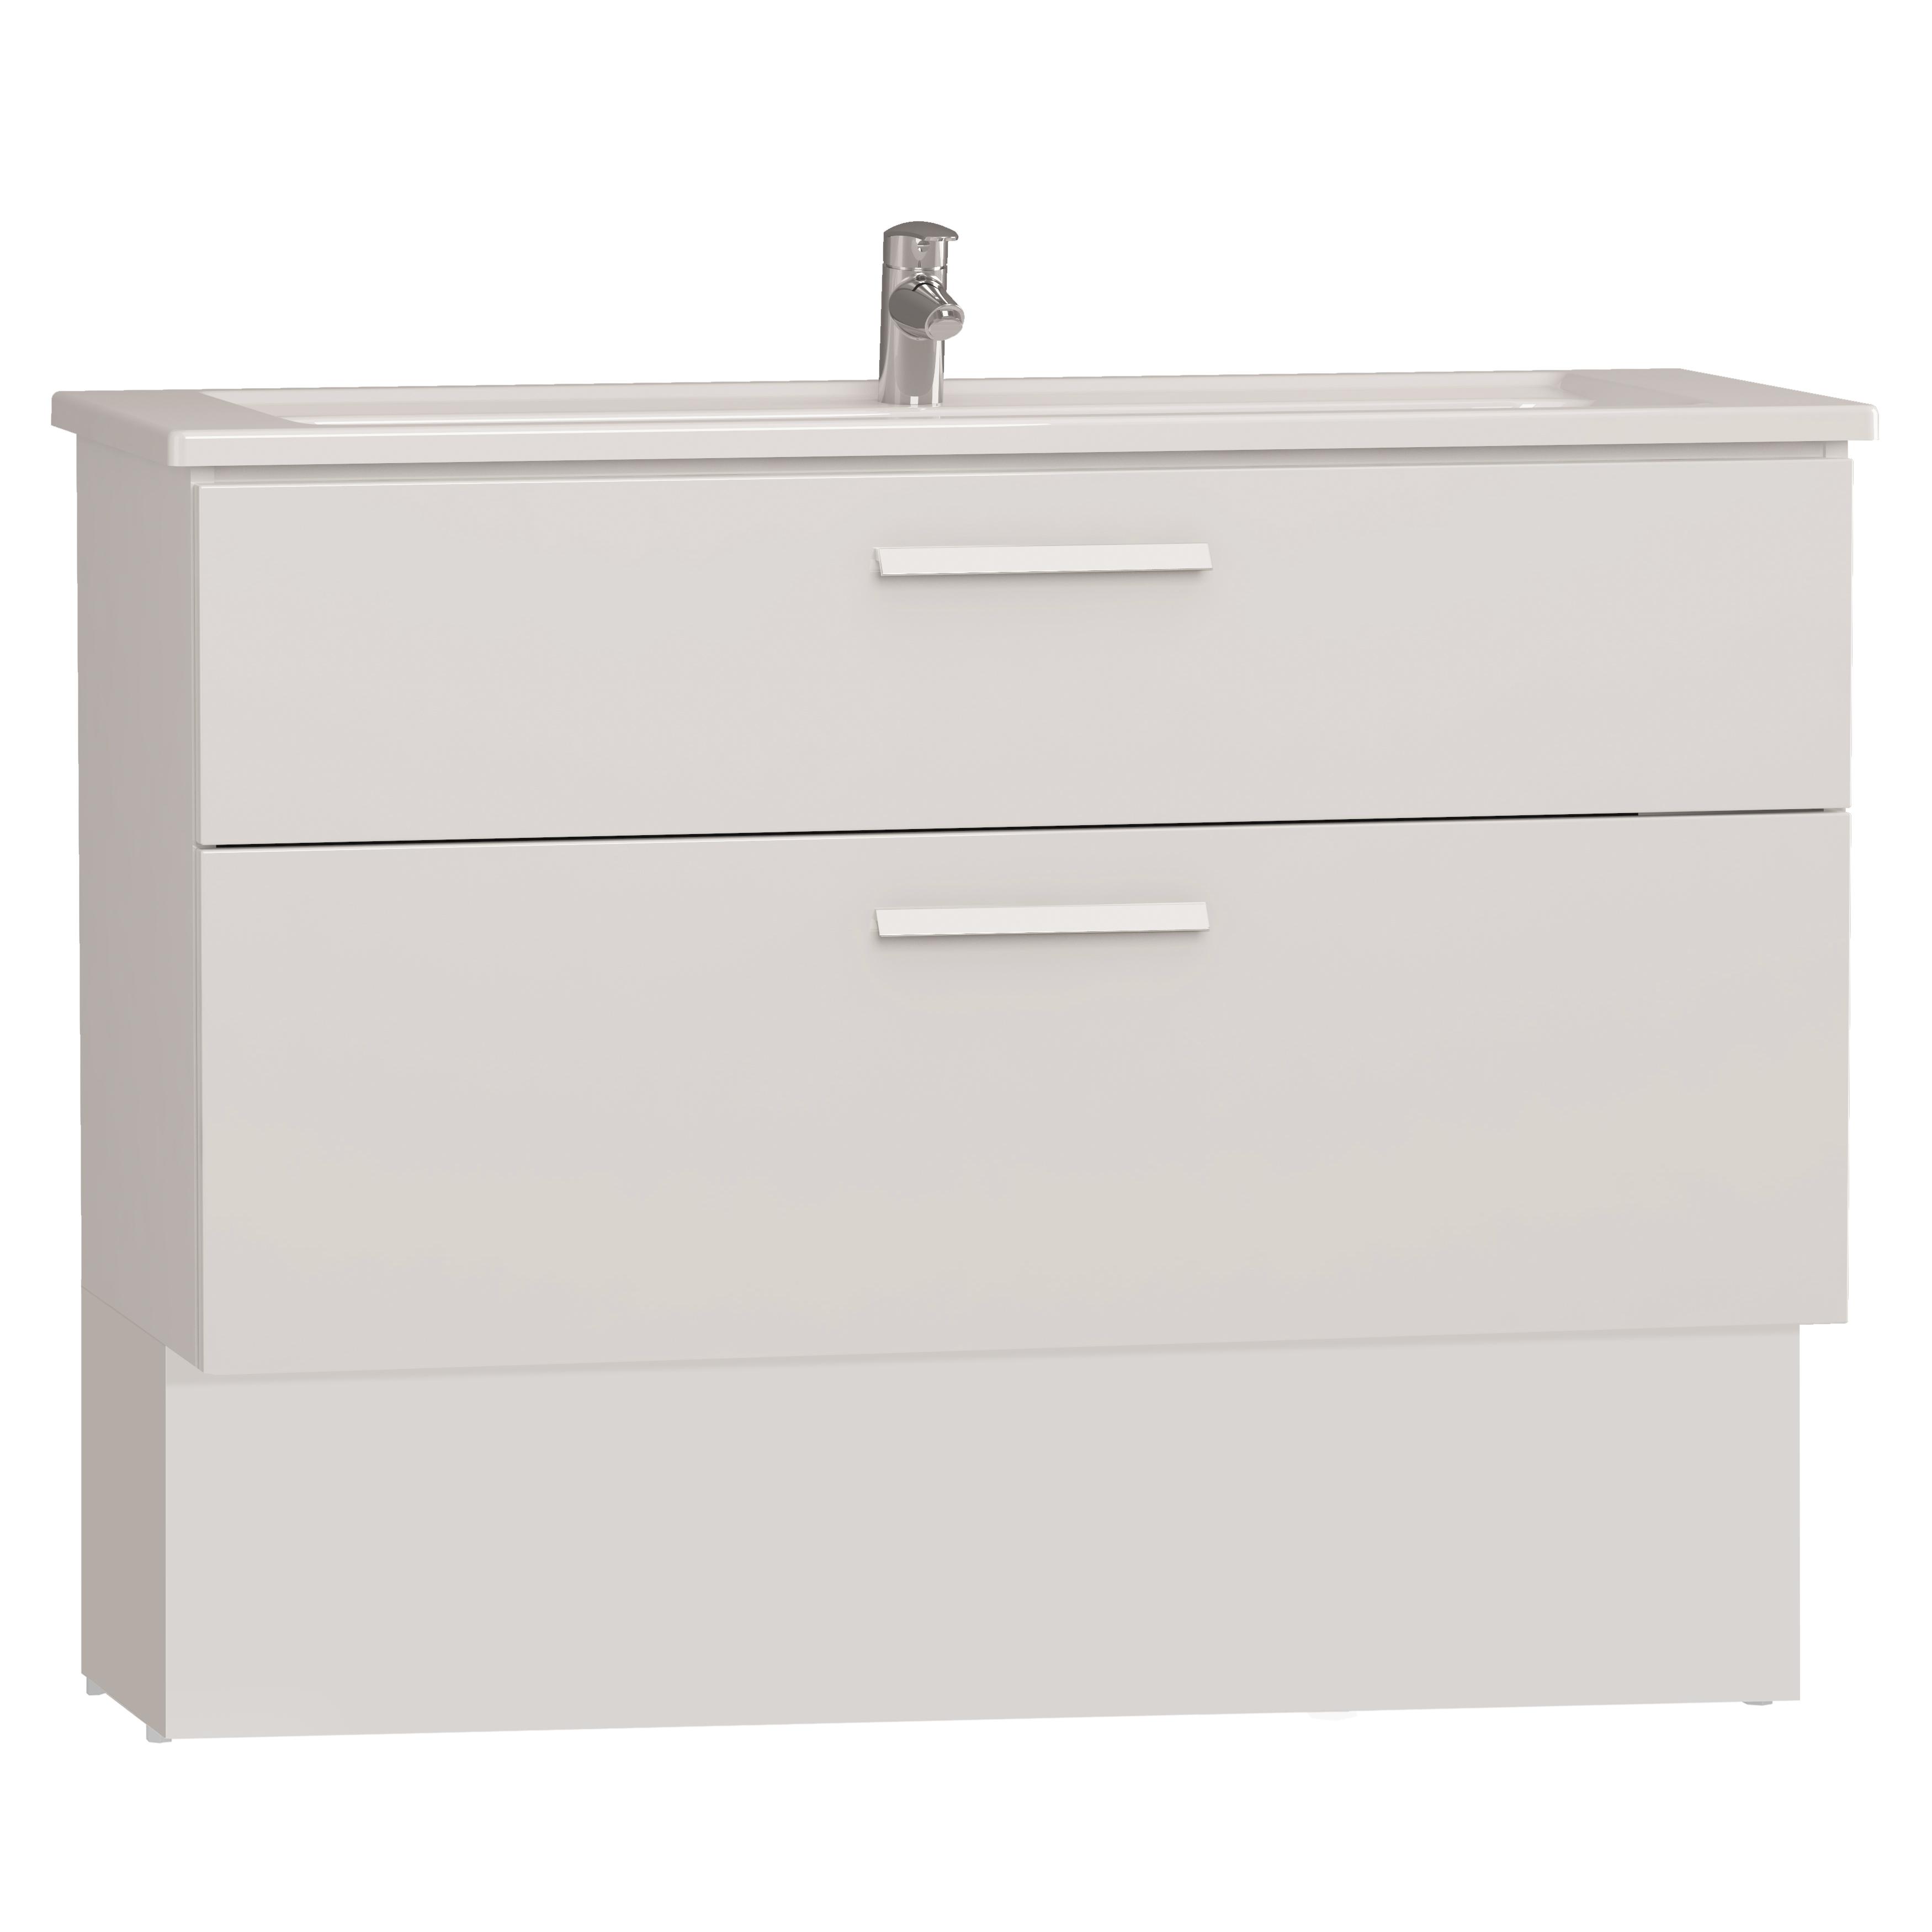 Integra socle pour meuble avec plan céramique avec deux tiroirs, 120 cm, blanc haute brillance